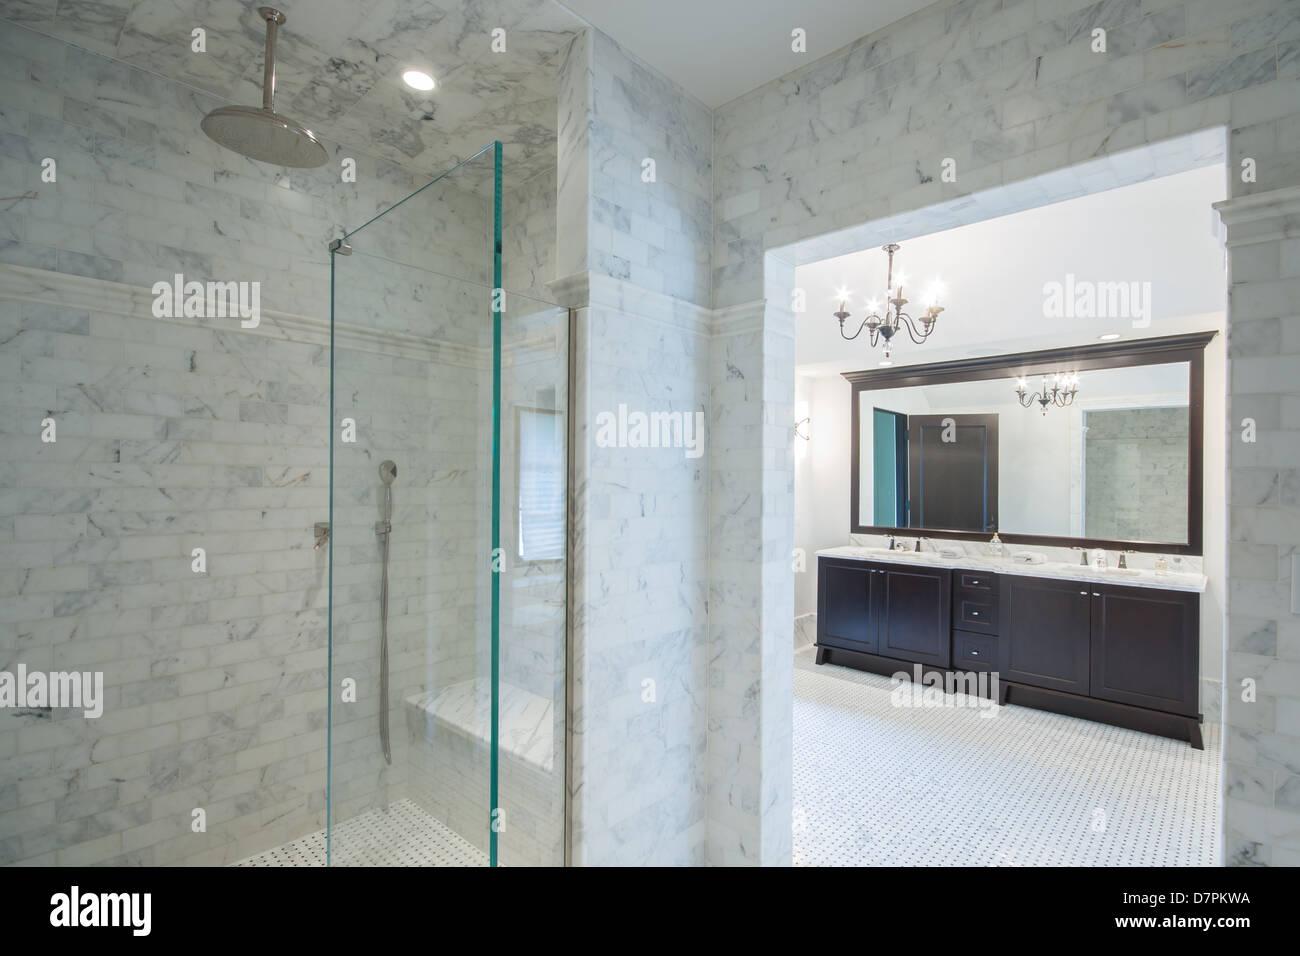 Moderne italienische Badezimmer mit begehbarer Dusche Stockfoto ...